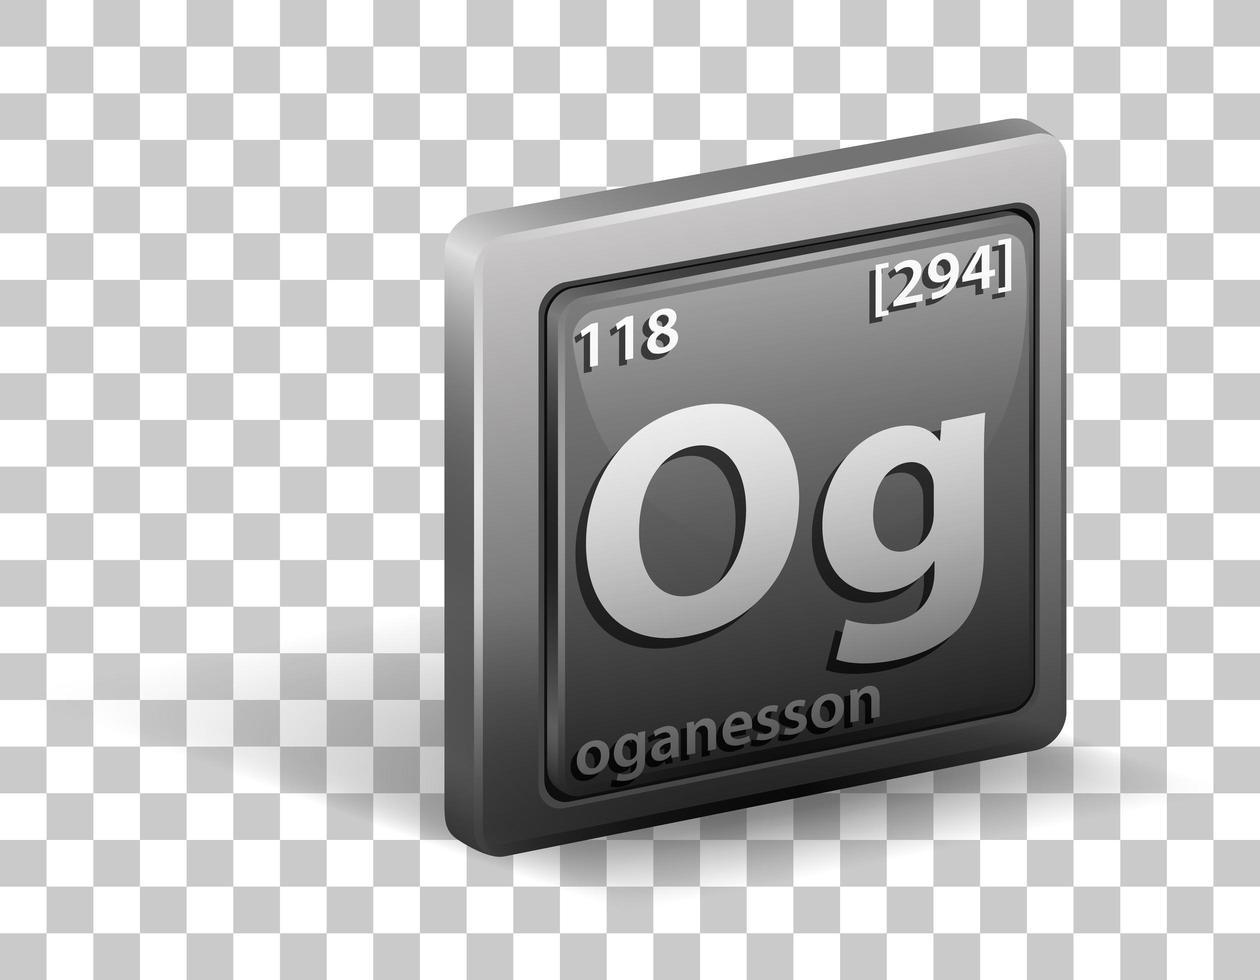 oganesson kemiskt element. kemisk symbol med atomnummer och atommassa. vektor